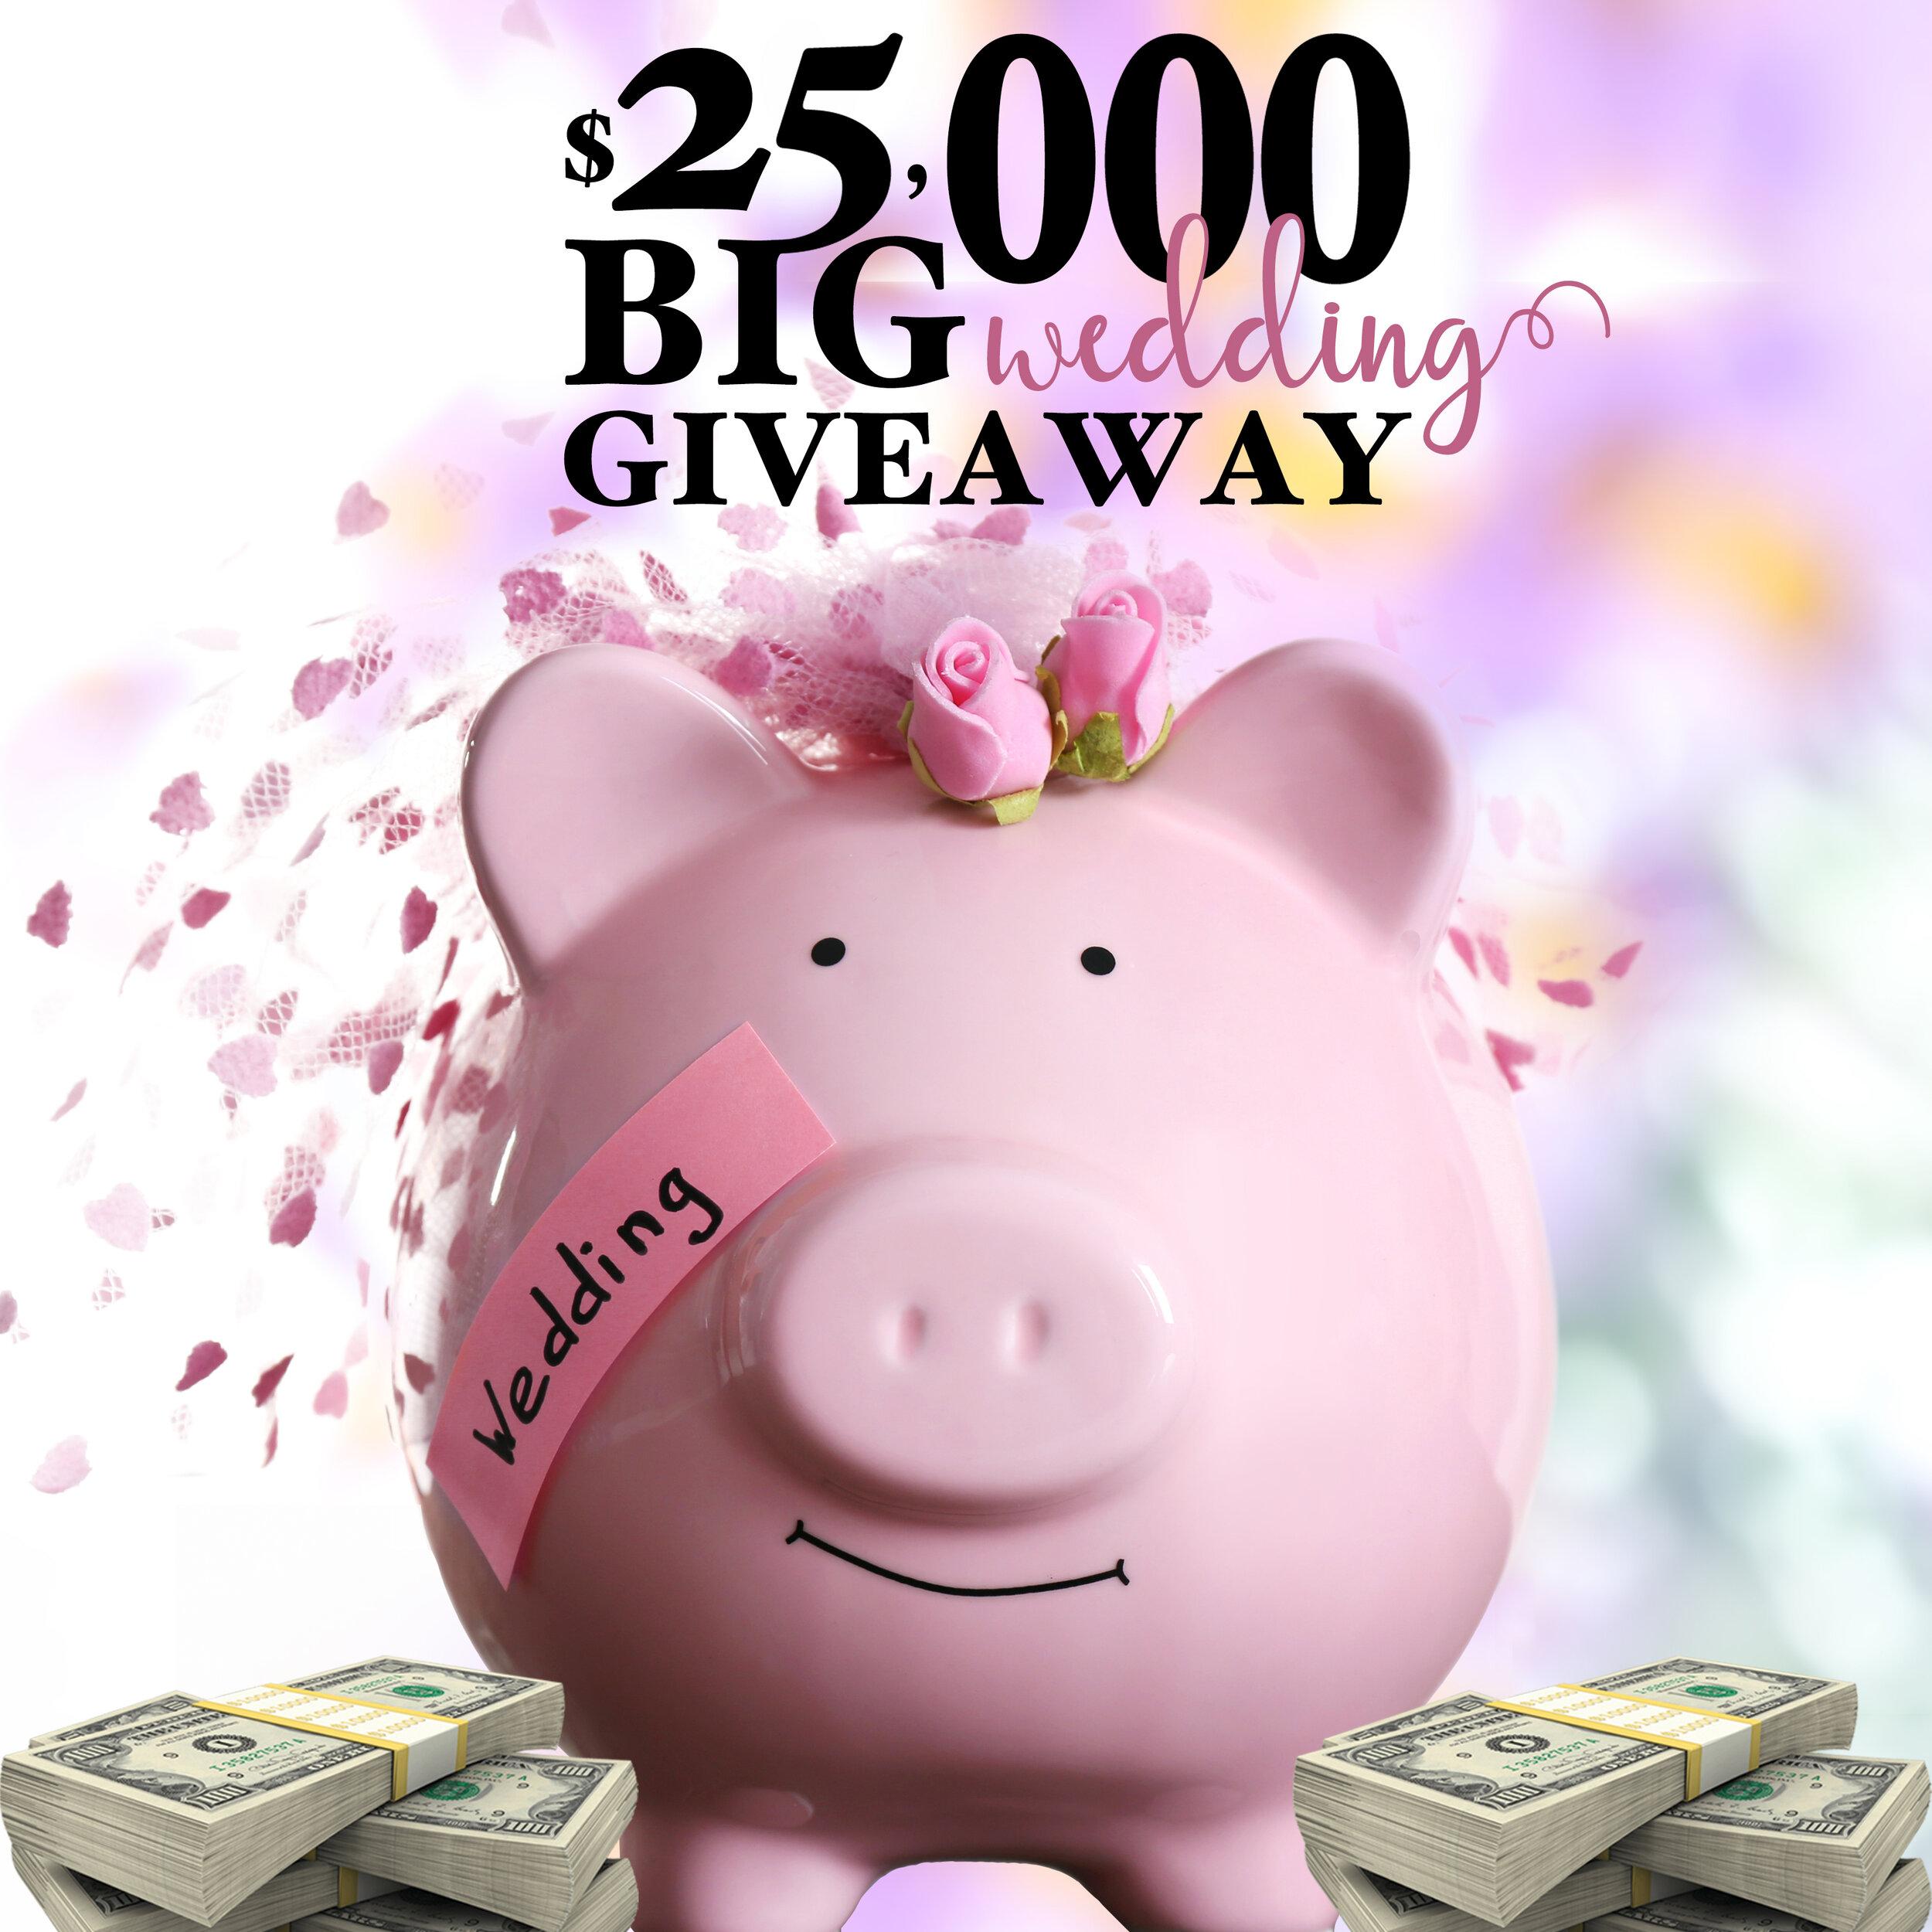 $25,000 Big Wedding giveaway